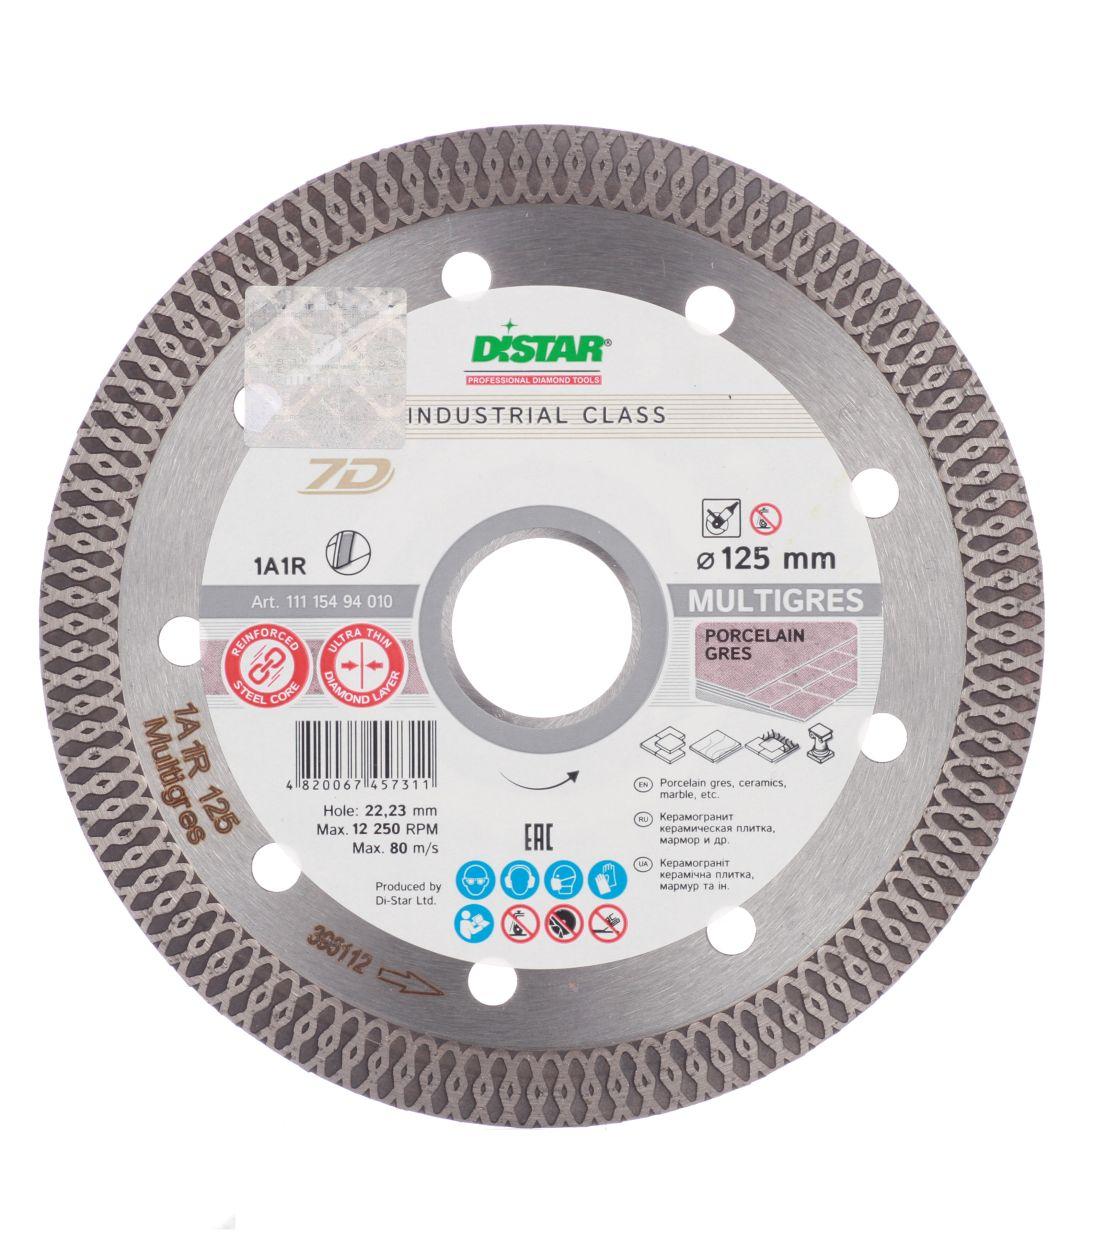 Диск алмазный сплошной по керамограниту DI-STAR Multigres 7D 125х1,4x22 мм диск алмазный сплошной по керамике 150х22 2 мм shaft